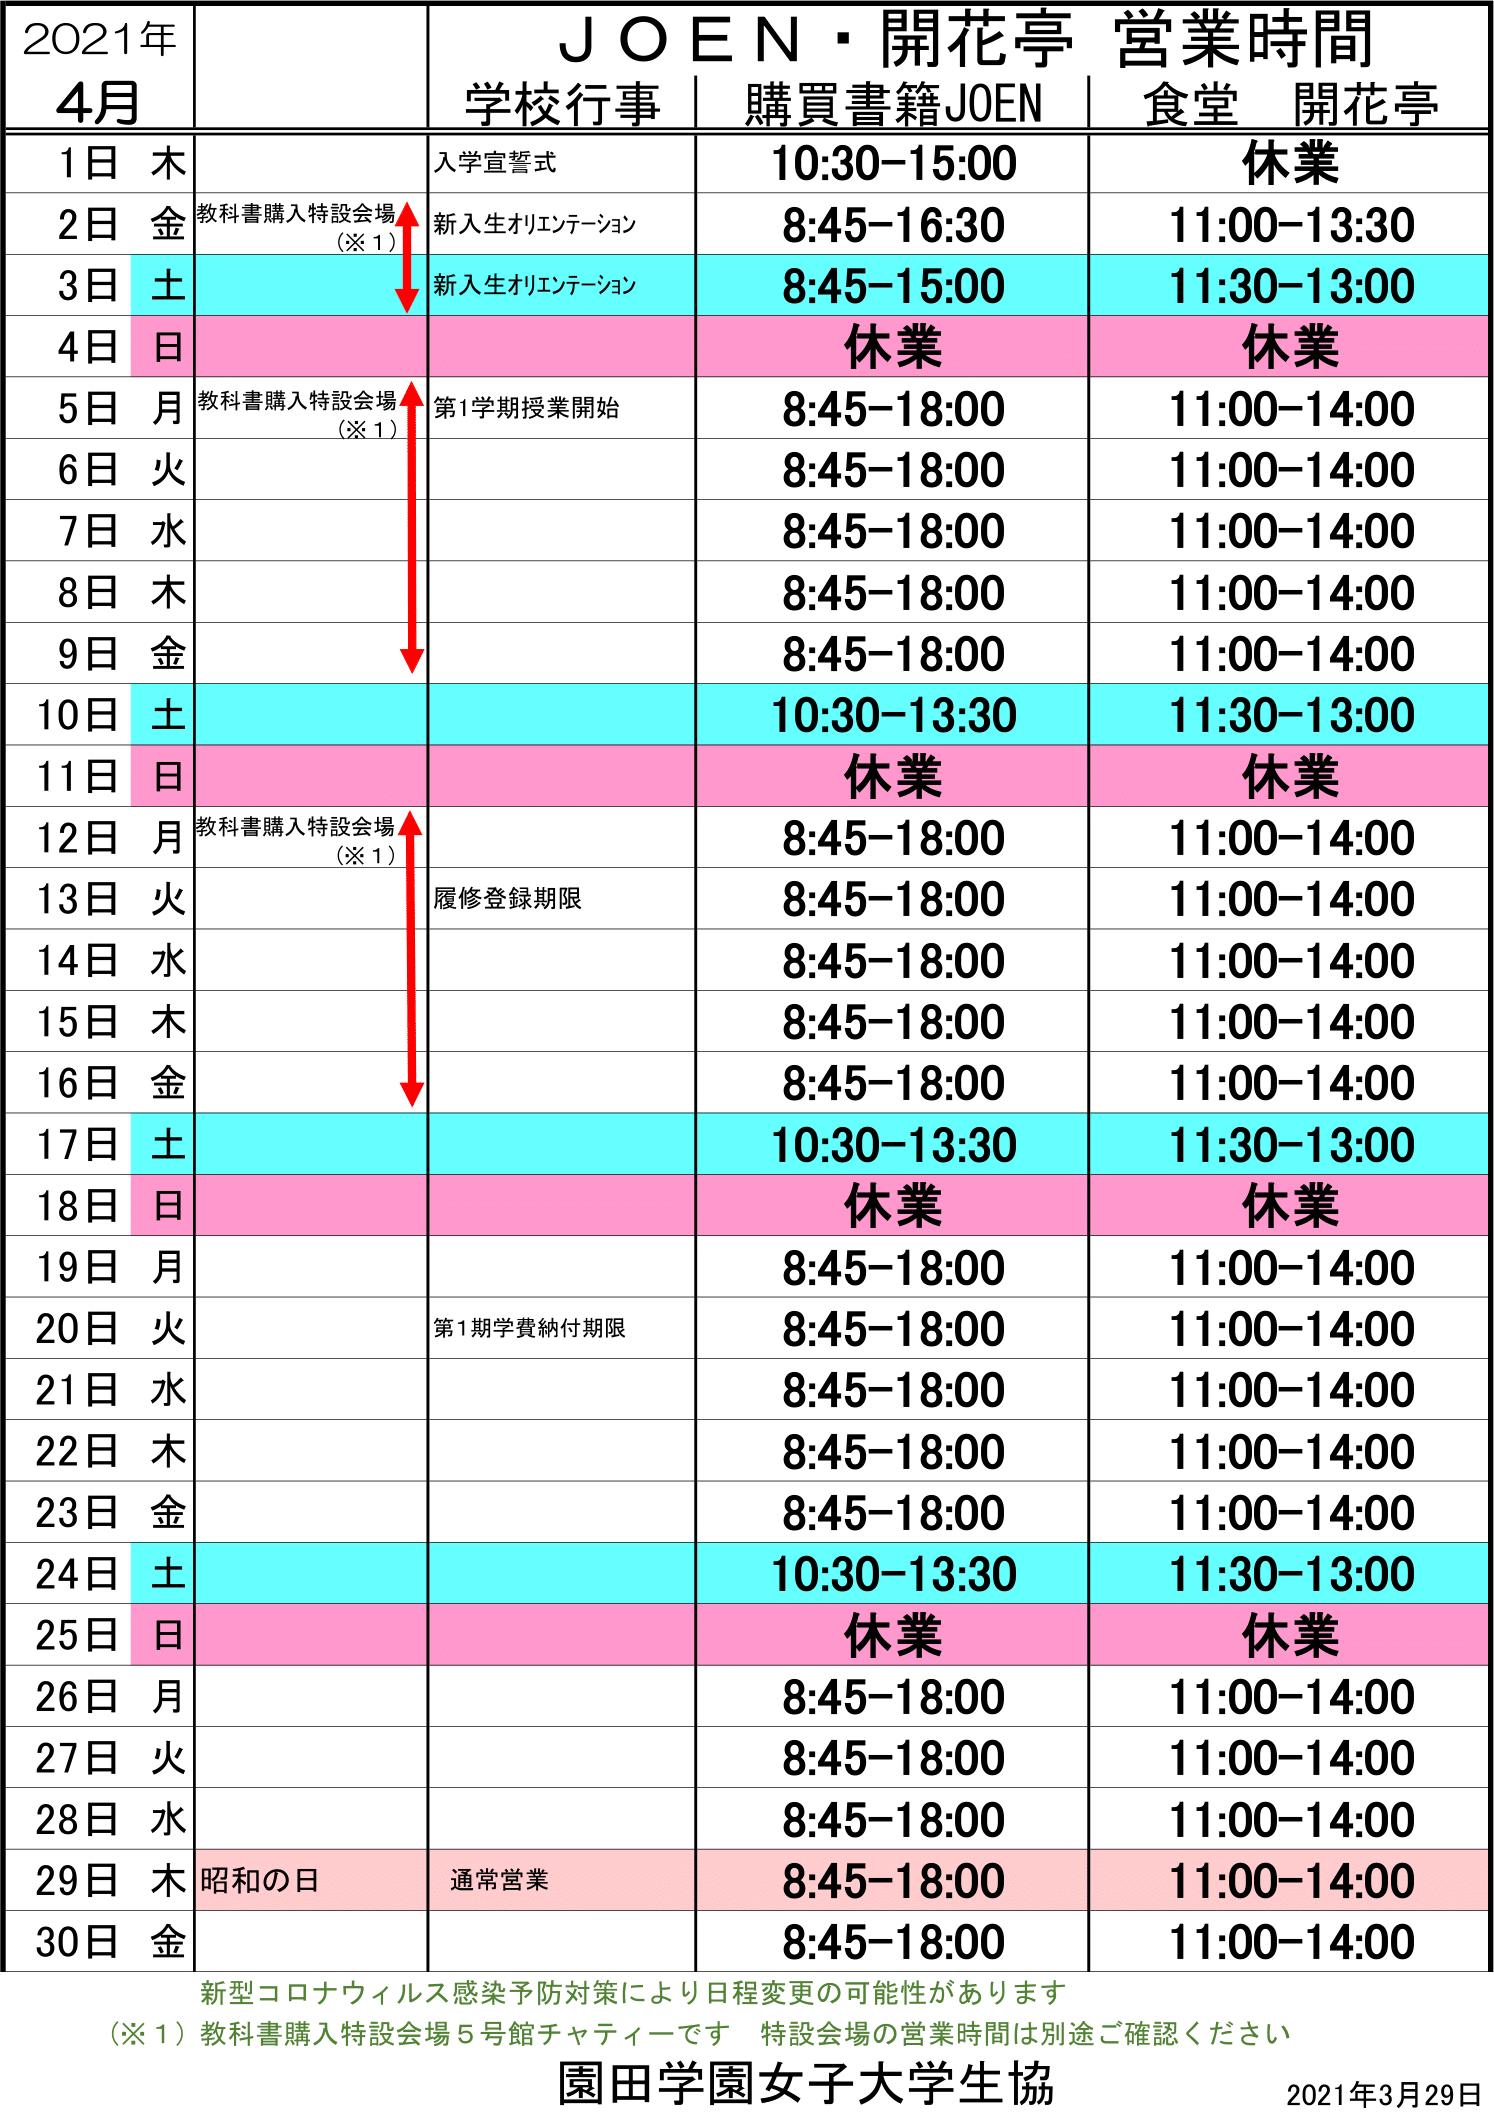 eigyo202104-1.png